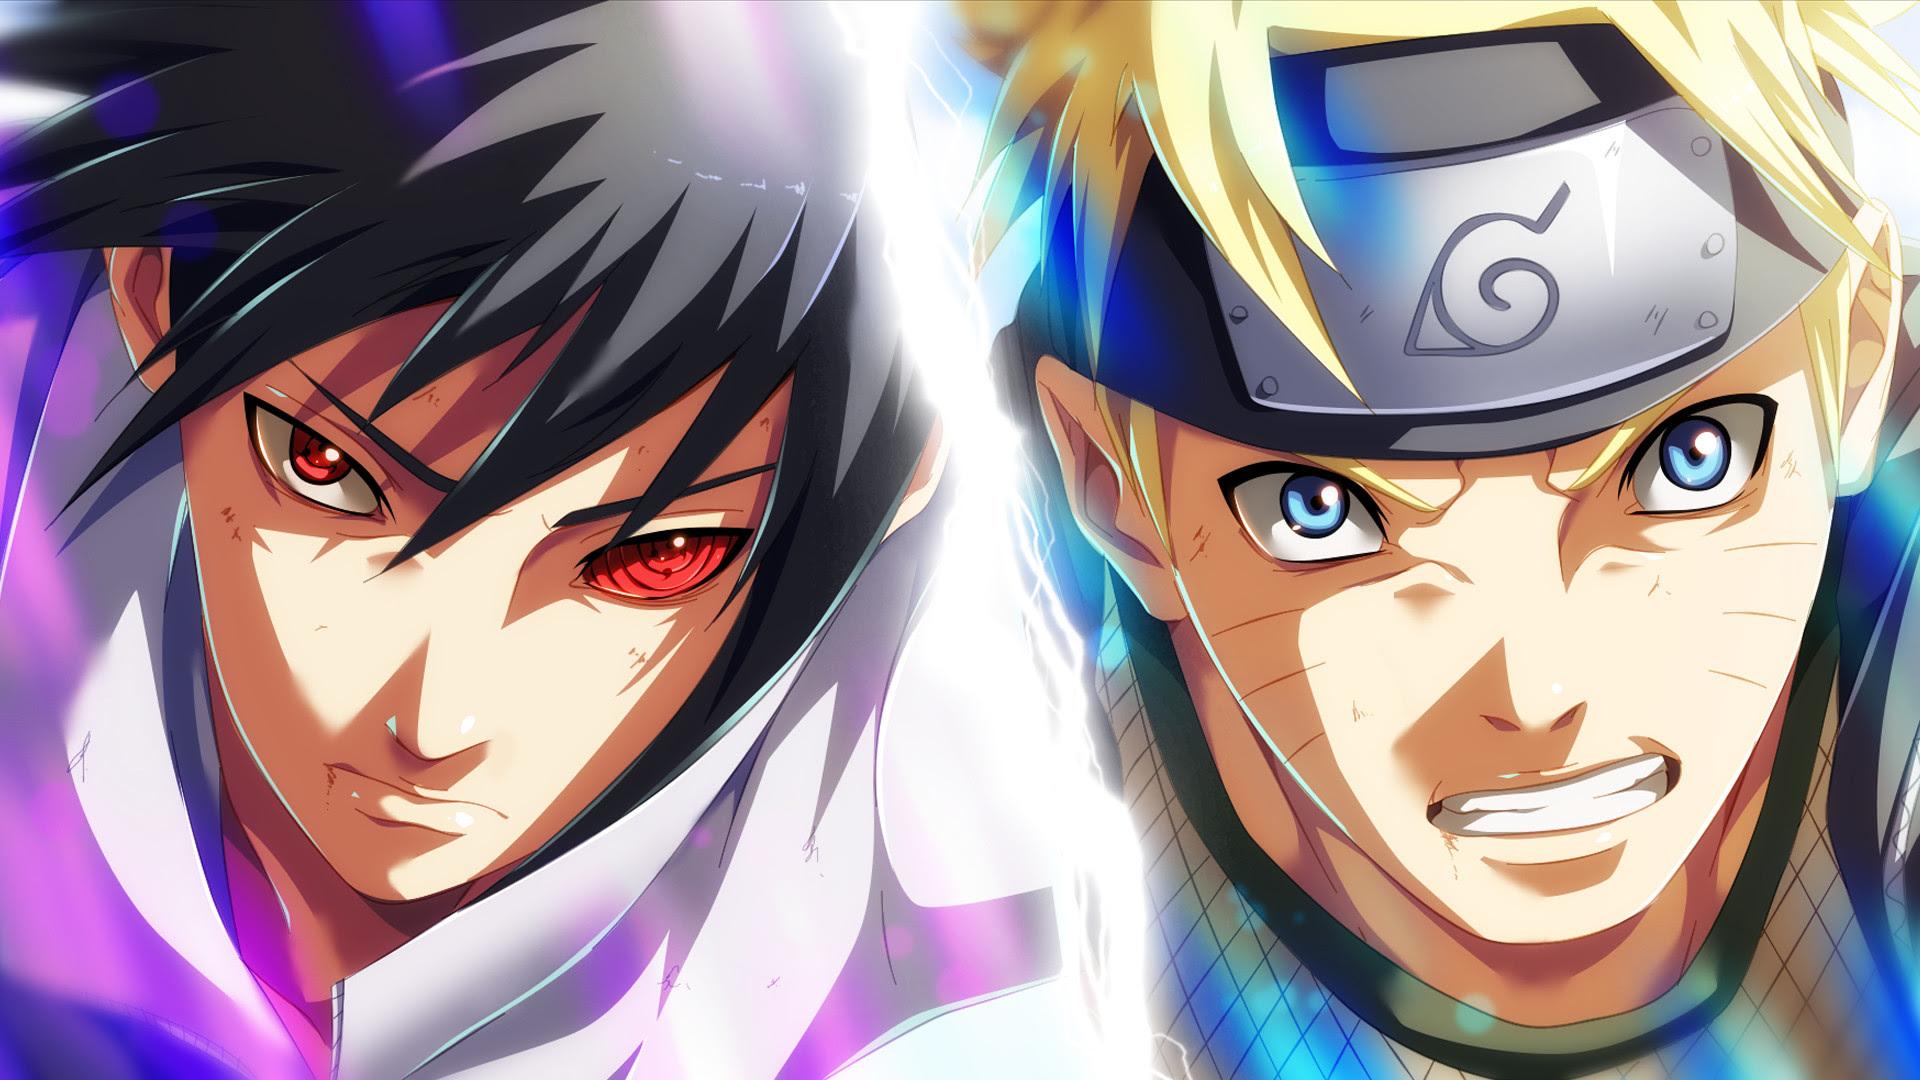 Naruto Shippuden Wallpaper Sasuke (59+ images)